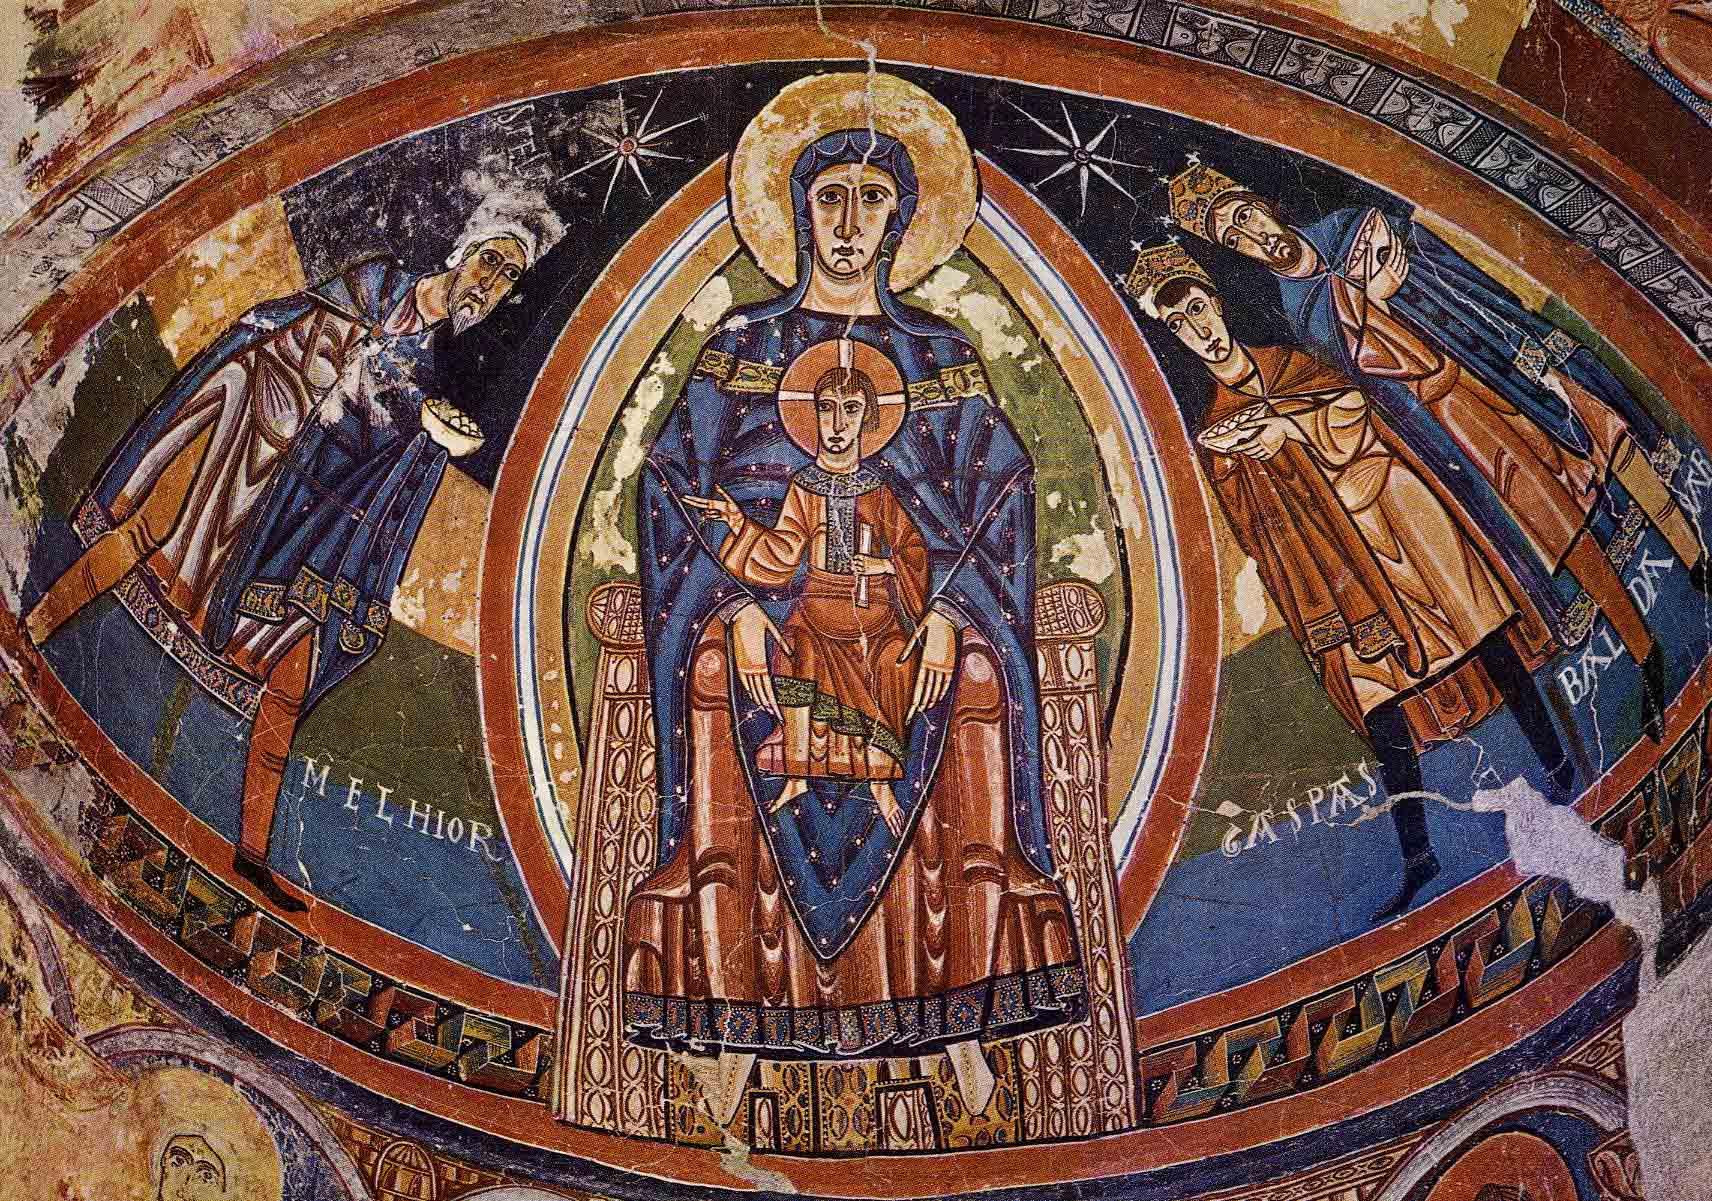 María Tabernáculo del Altísimo, Aparición Aprobada por la Iglesia, Sudáfrica (22 ago)